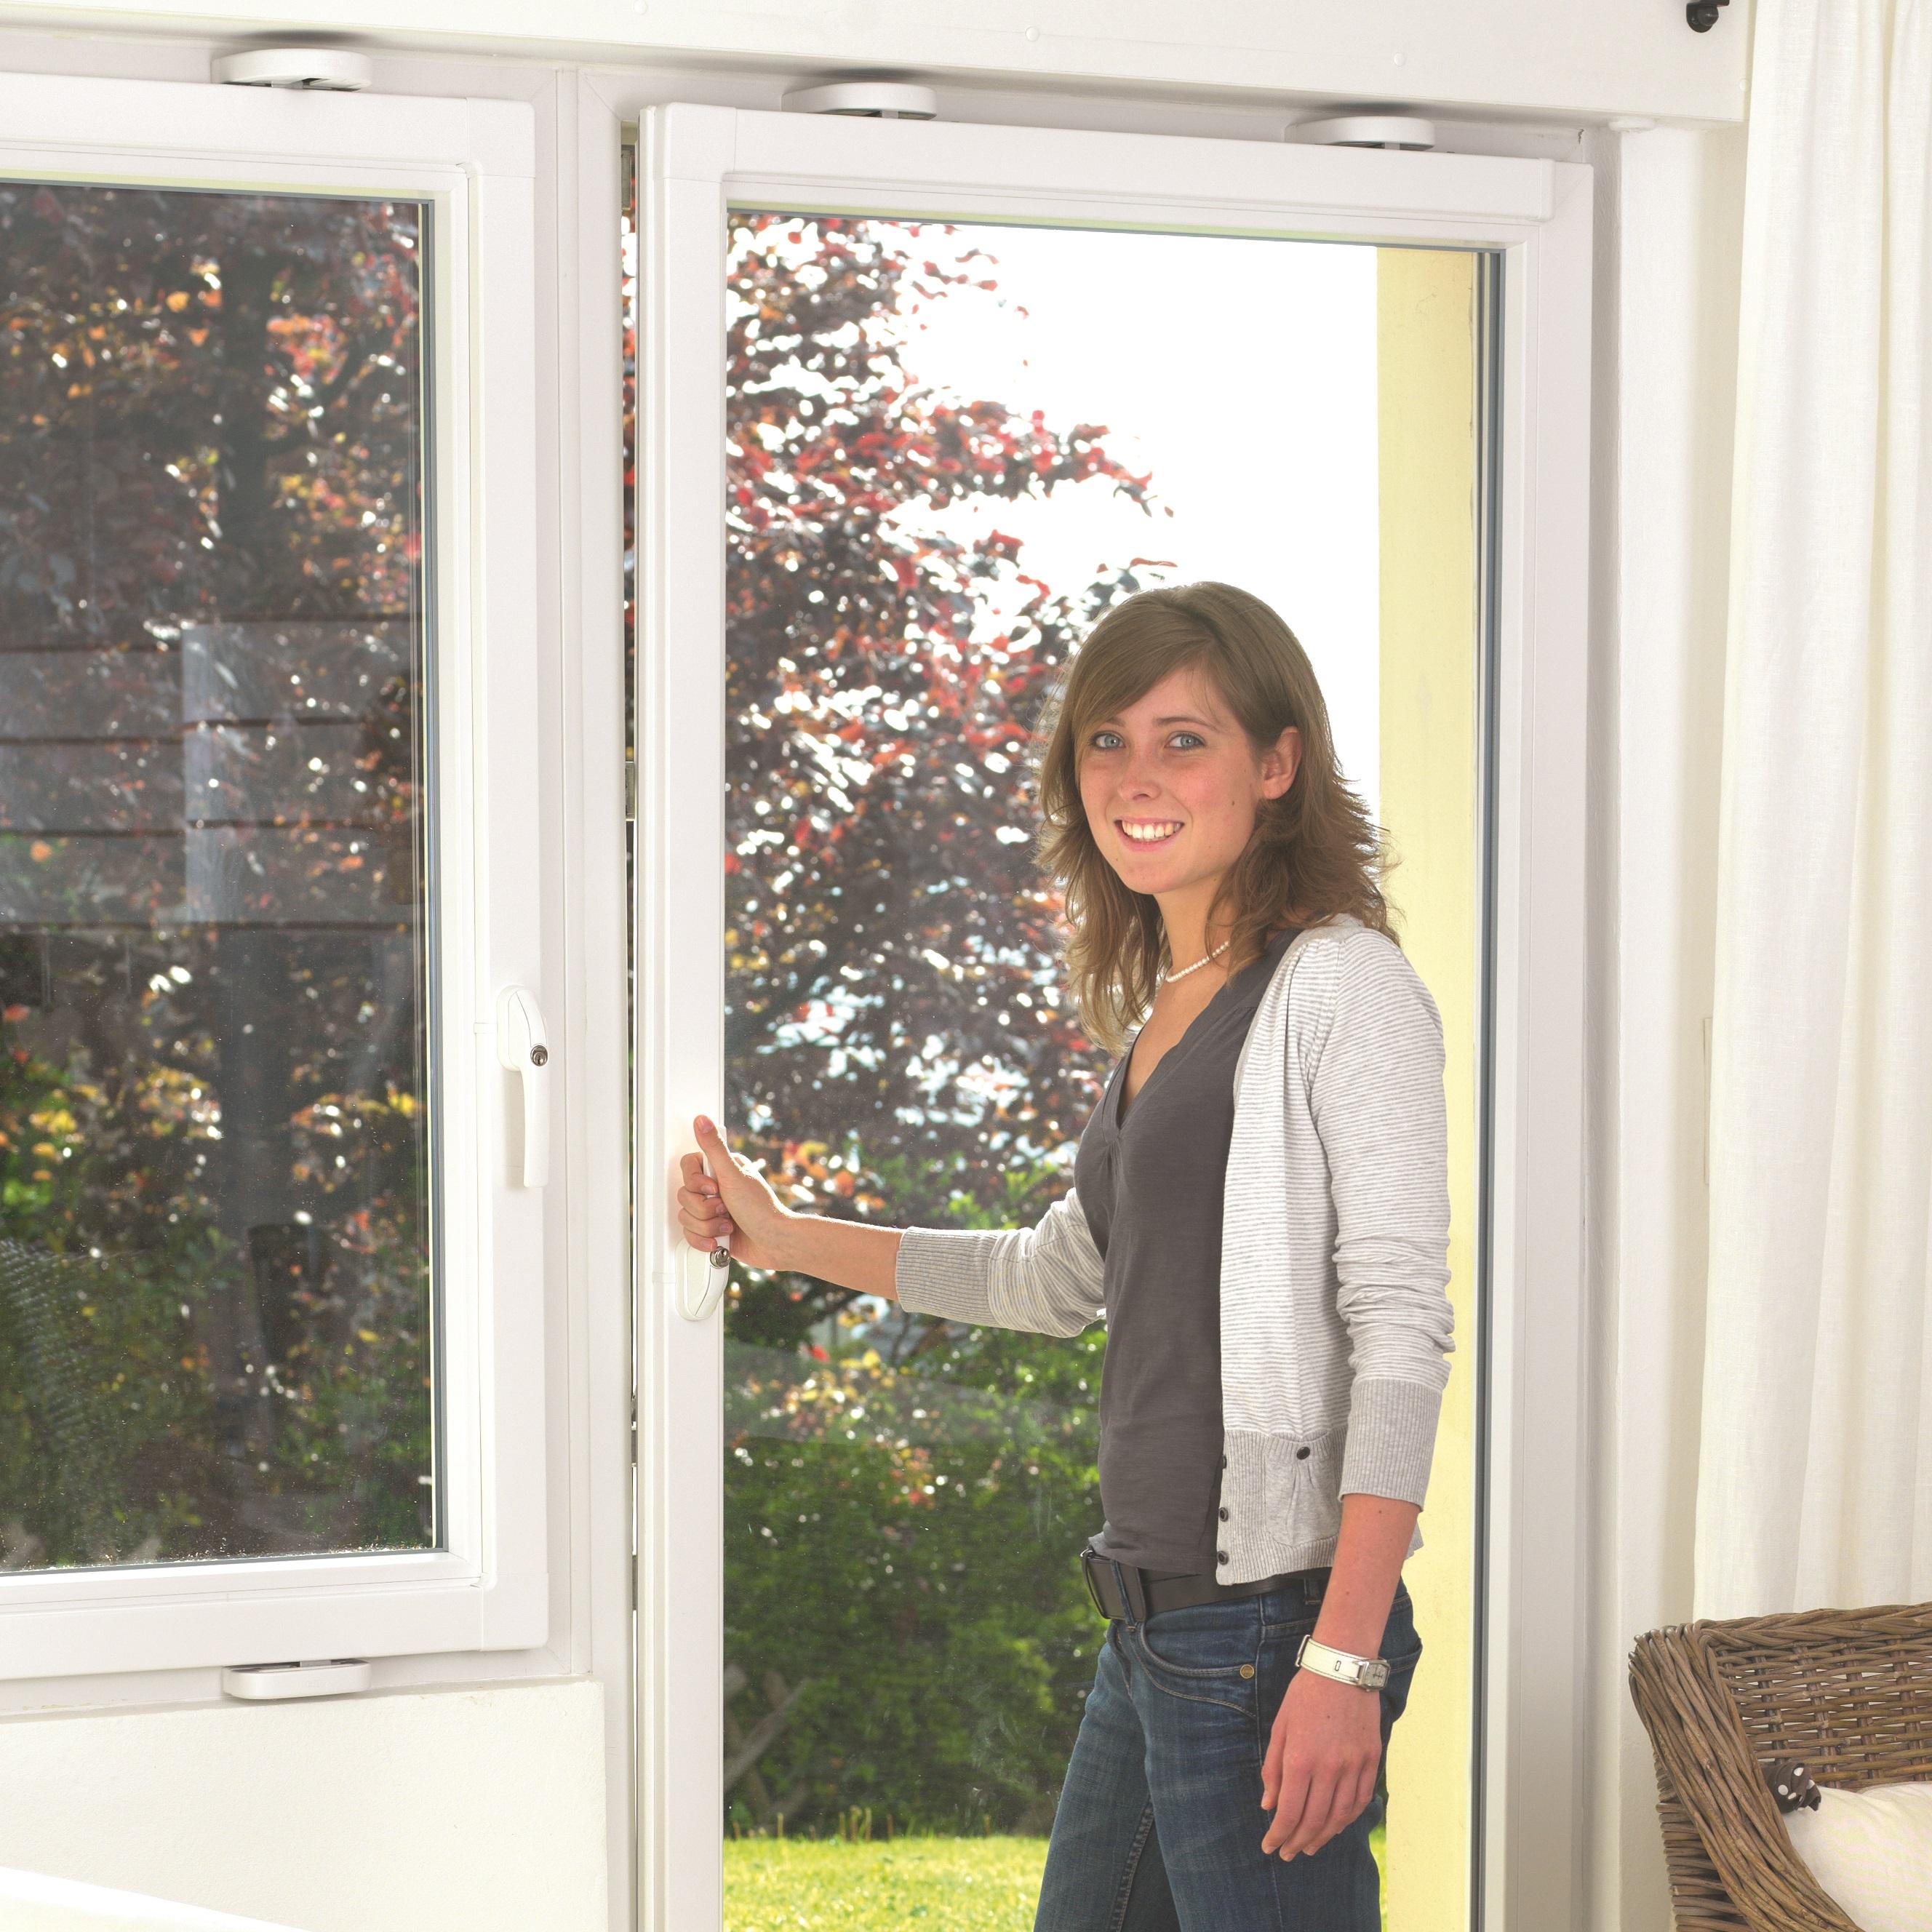 03bbf17cc7 Ako zabezpečiť okná - Zabuchnuté dvere